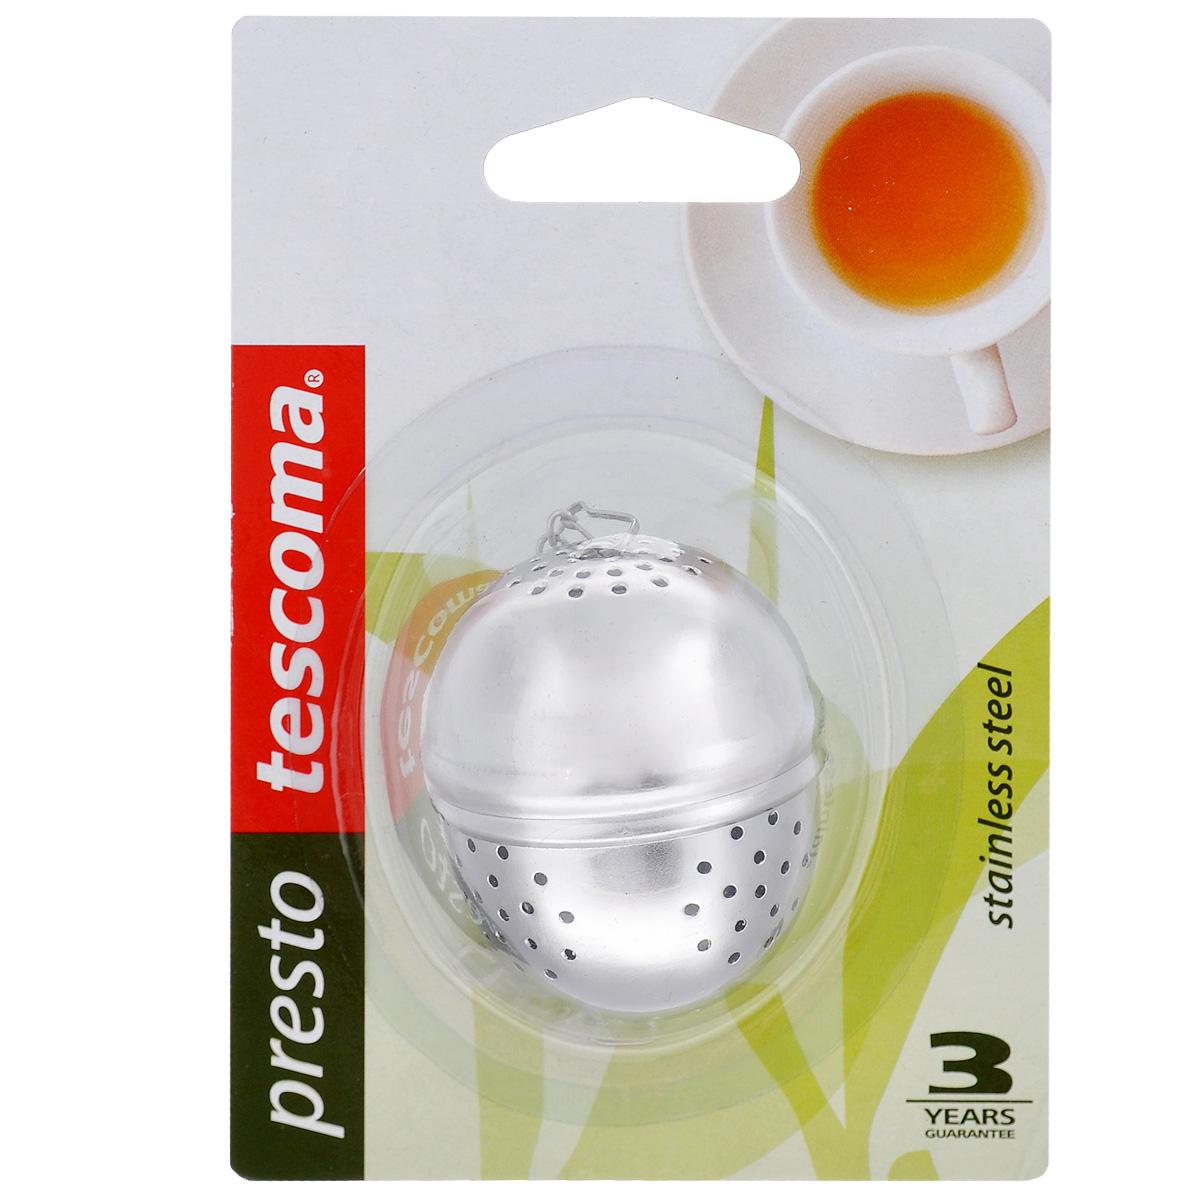 Заварник для чая Tescoma Presto, яйцоBK-7620Заварник для чая Tescoma Presto - это практичный и симпатичный аксессуар для каждой кухни, который используется для приготовления чая, кофе, овощей и кореньев. Выполнен в форме яйца. Заварник изготовлен из благородной нержавеющей стали. Диаметр заварника: 4 см.Высота заварника: 5 см.